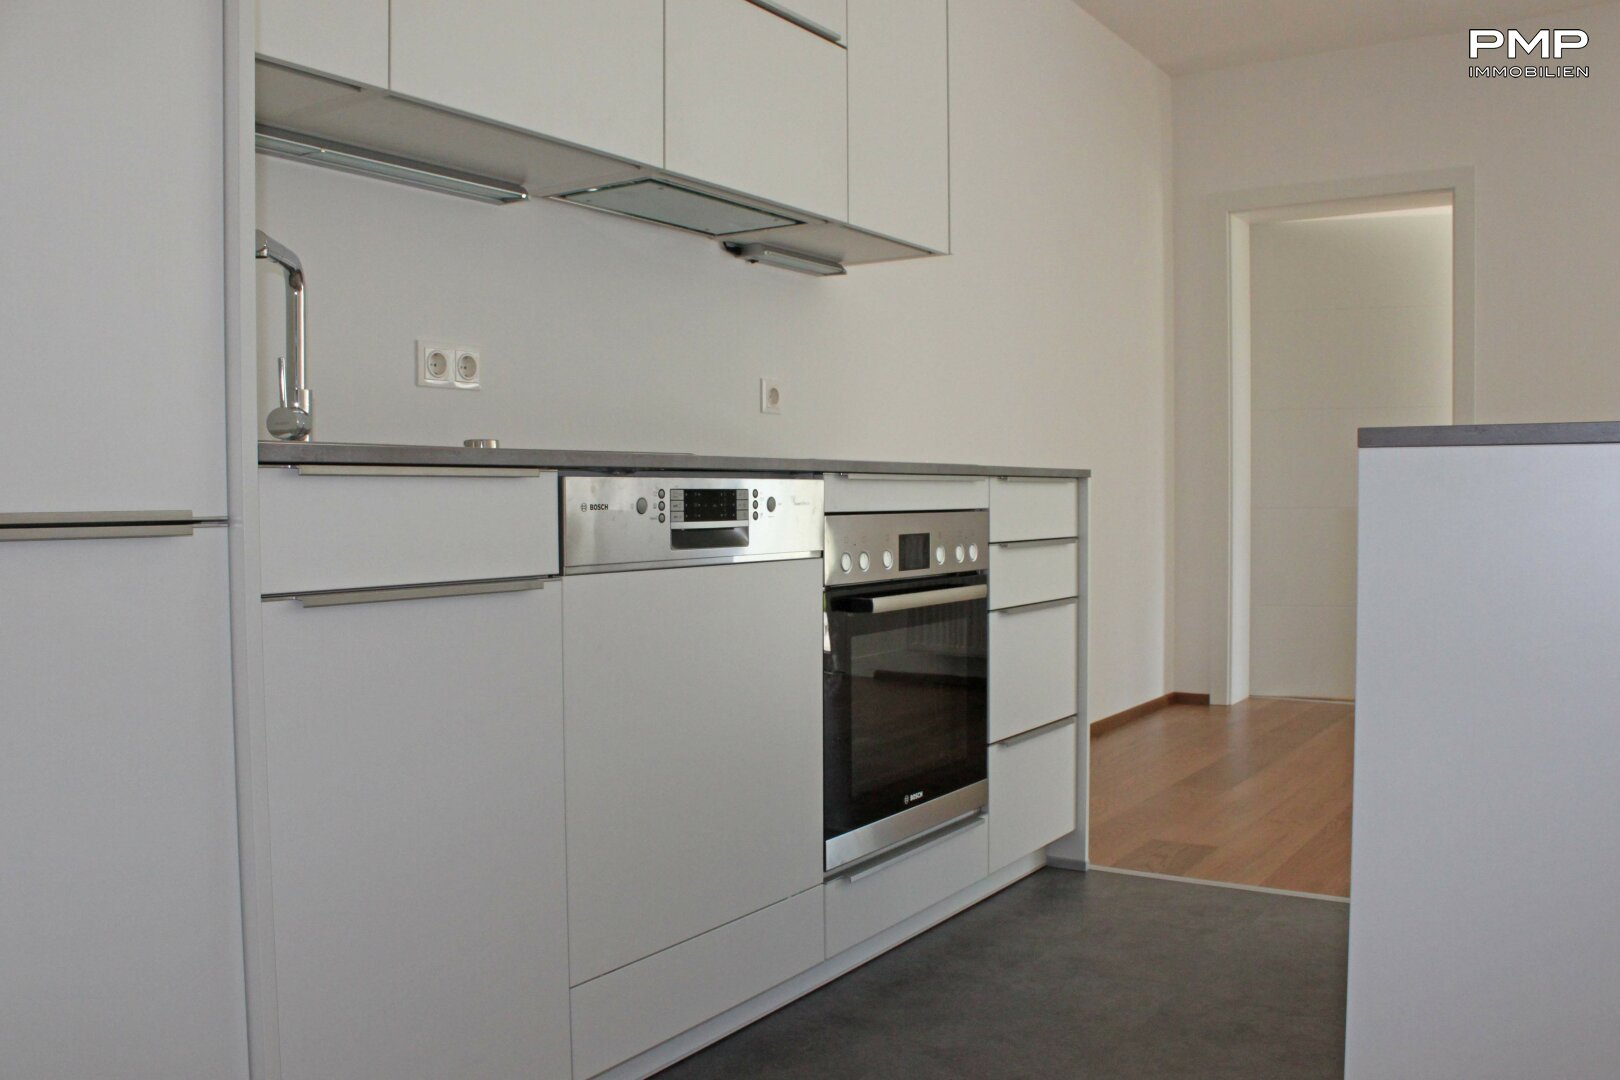 Einbauküche mit hochwertigen Geräten